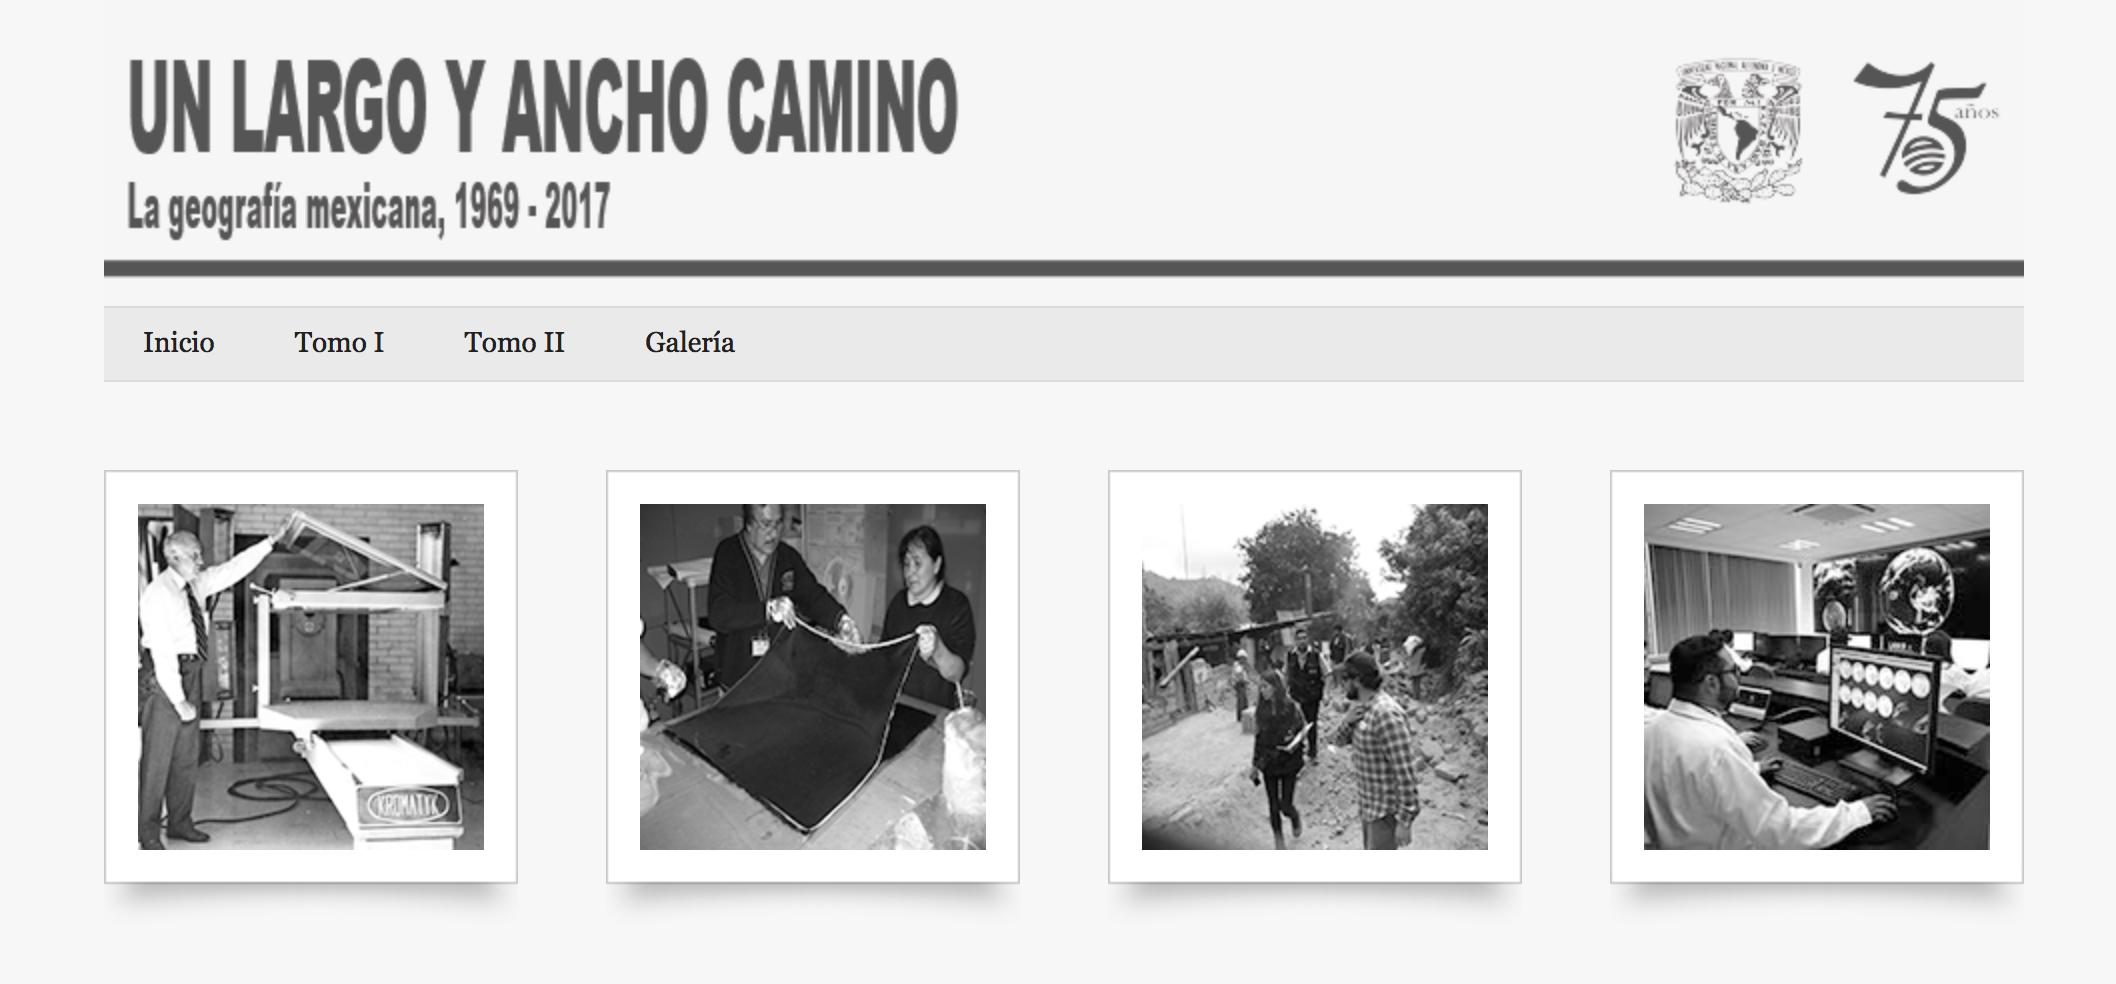 Cubierta para Un largo y ancho camino: La geografía mexicana, 1969-2017 (Tomos I y II)